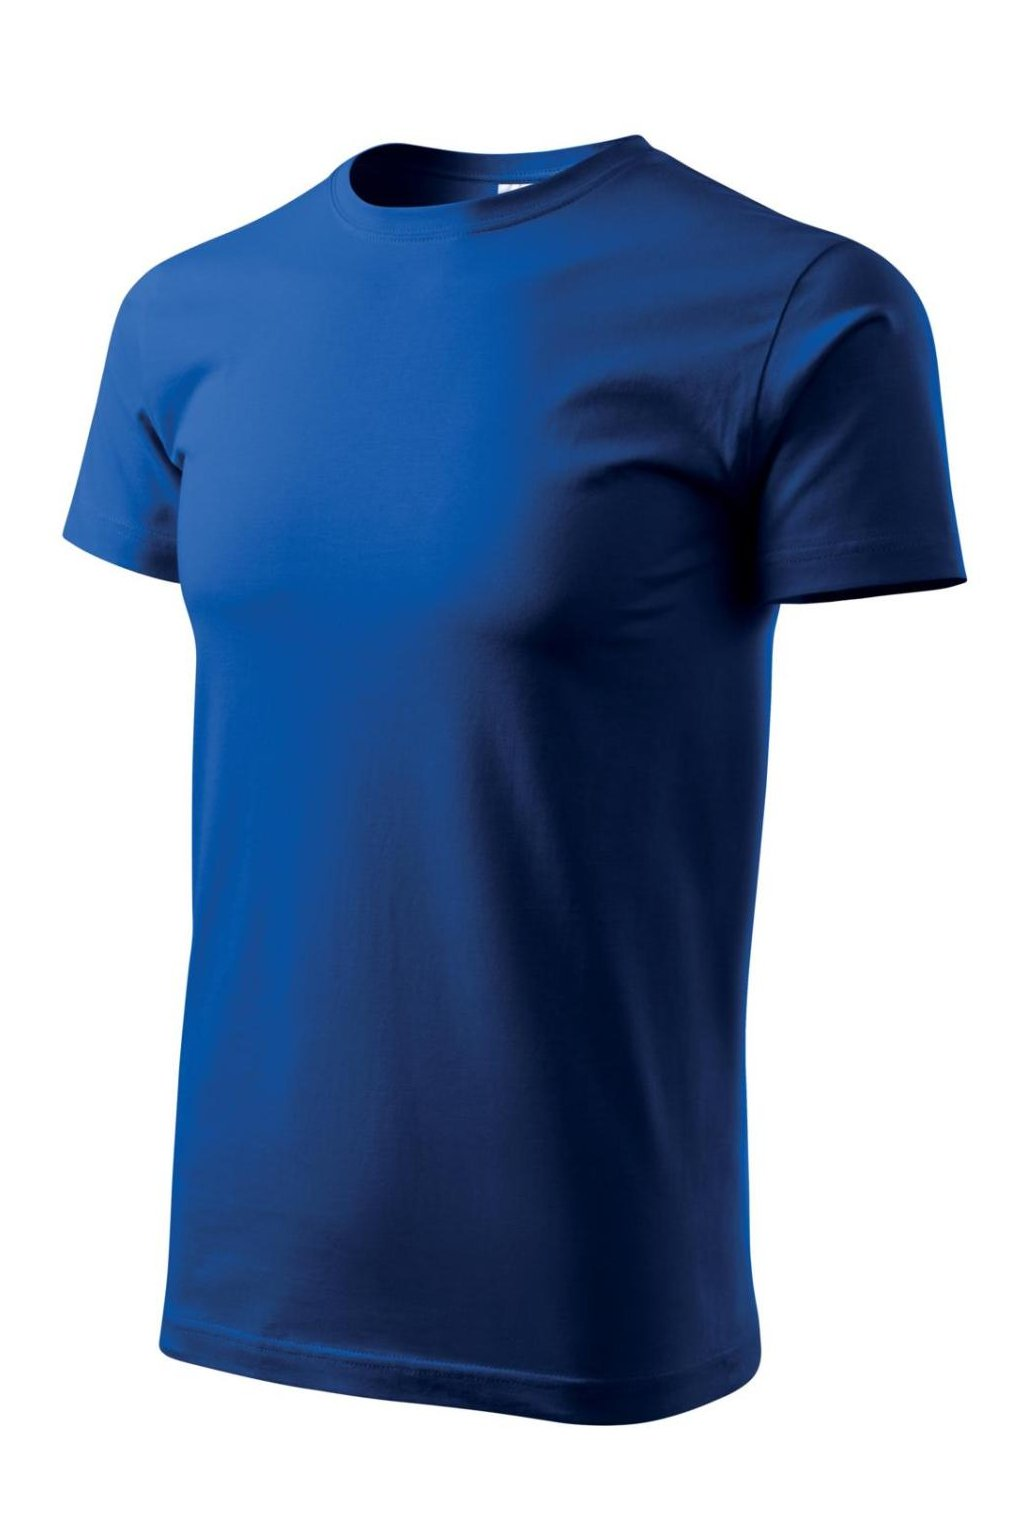 Pánské tričko s krátkým rukávem MF 129/05.